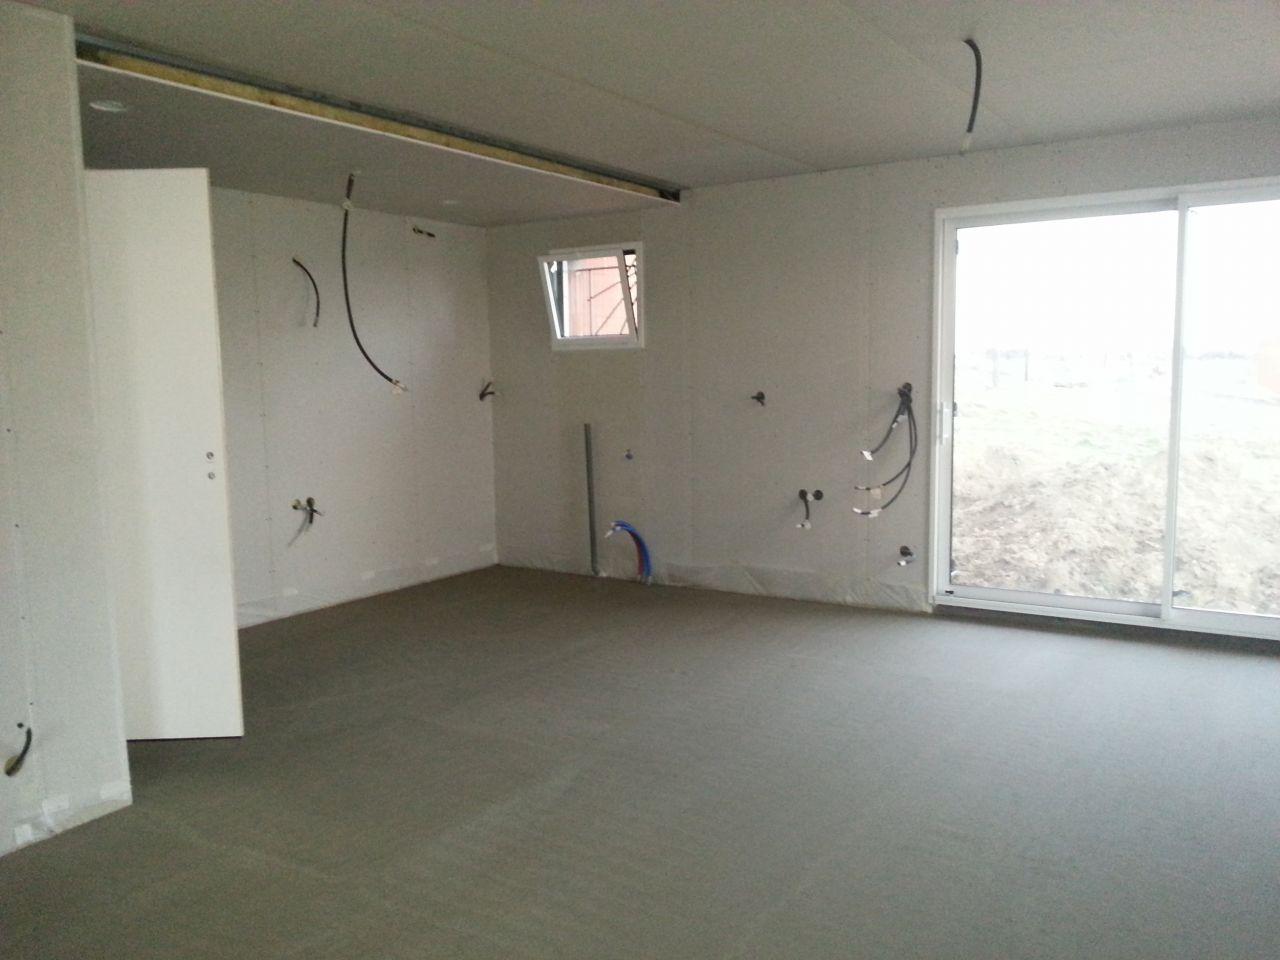 plancher bas du rdc ravoirage isolant chape plomberie et lectricit le placo avance. Black Bedroom Furniture Sets. Home Design Ideas